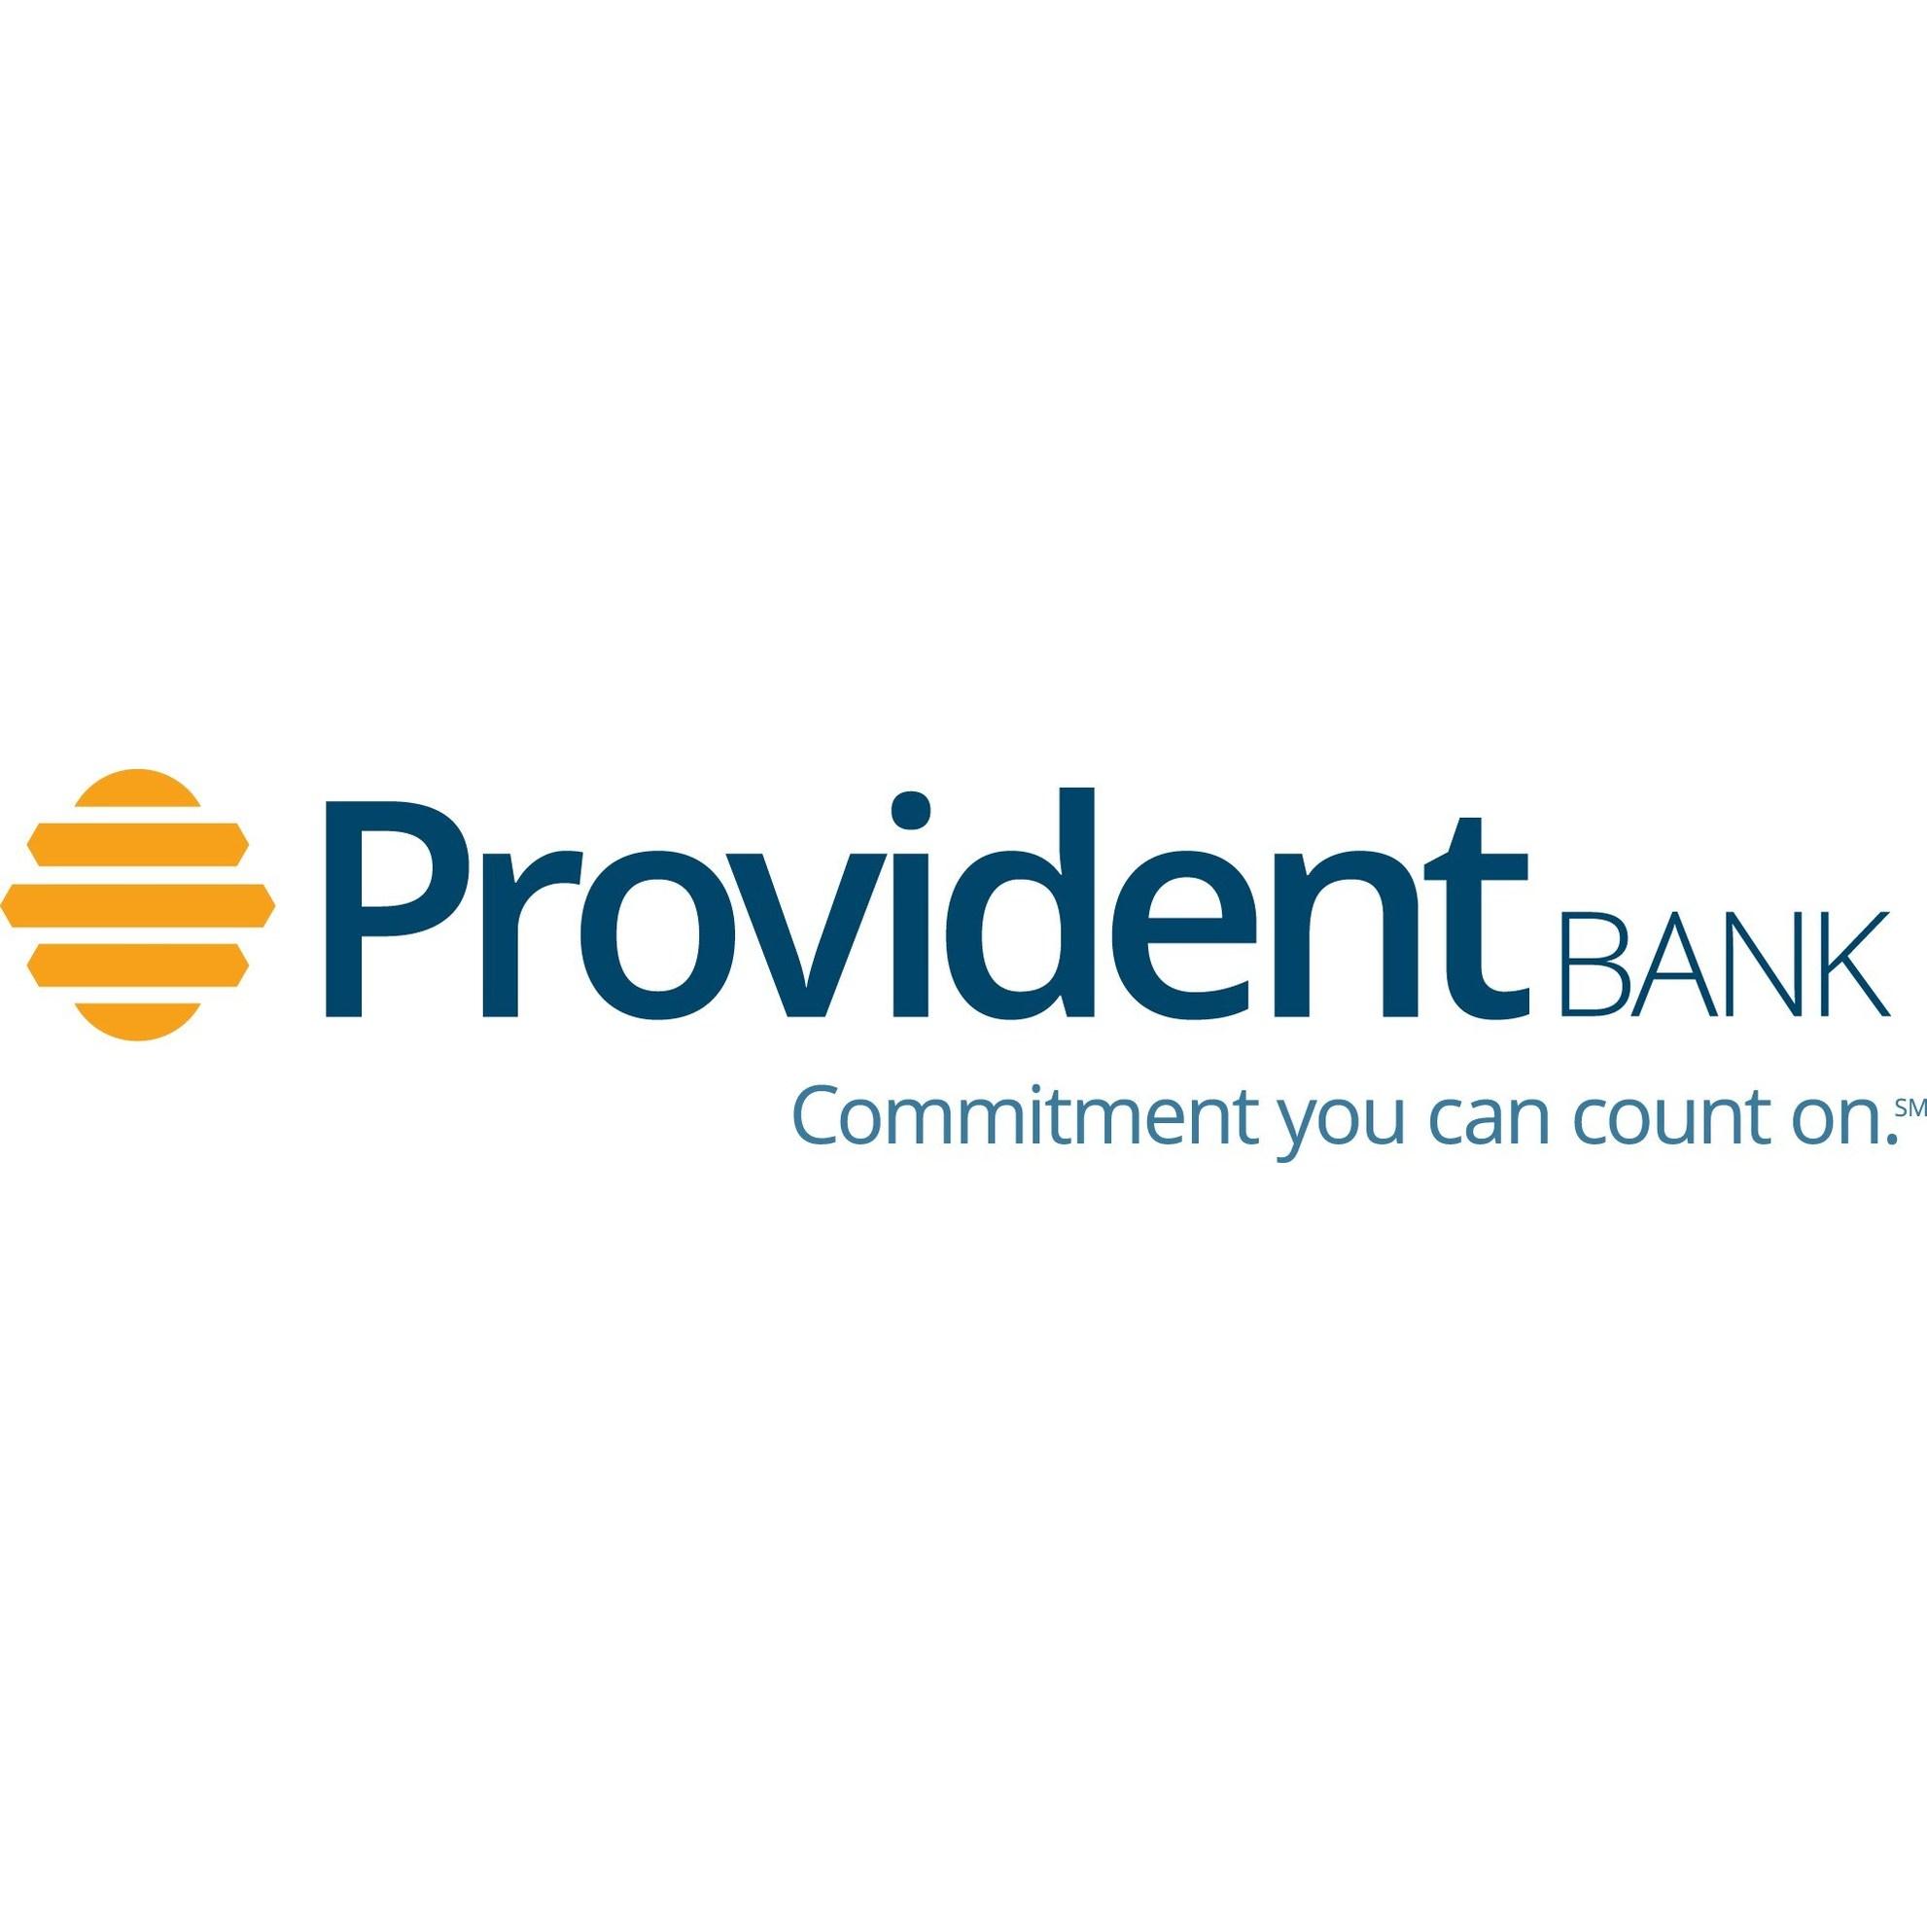 provident-logo-1.jpg